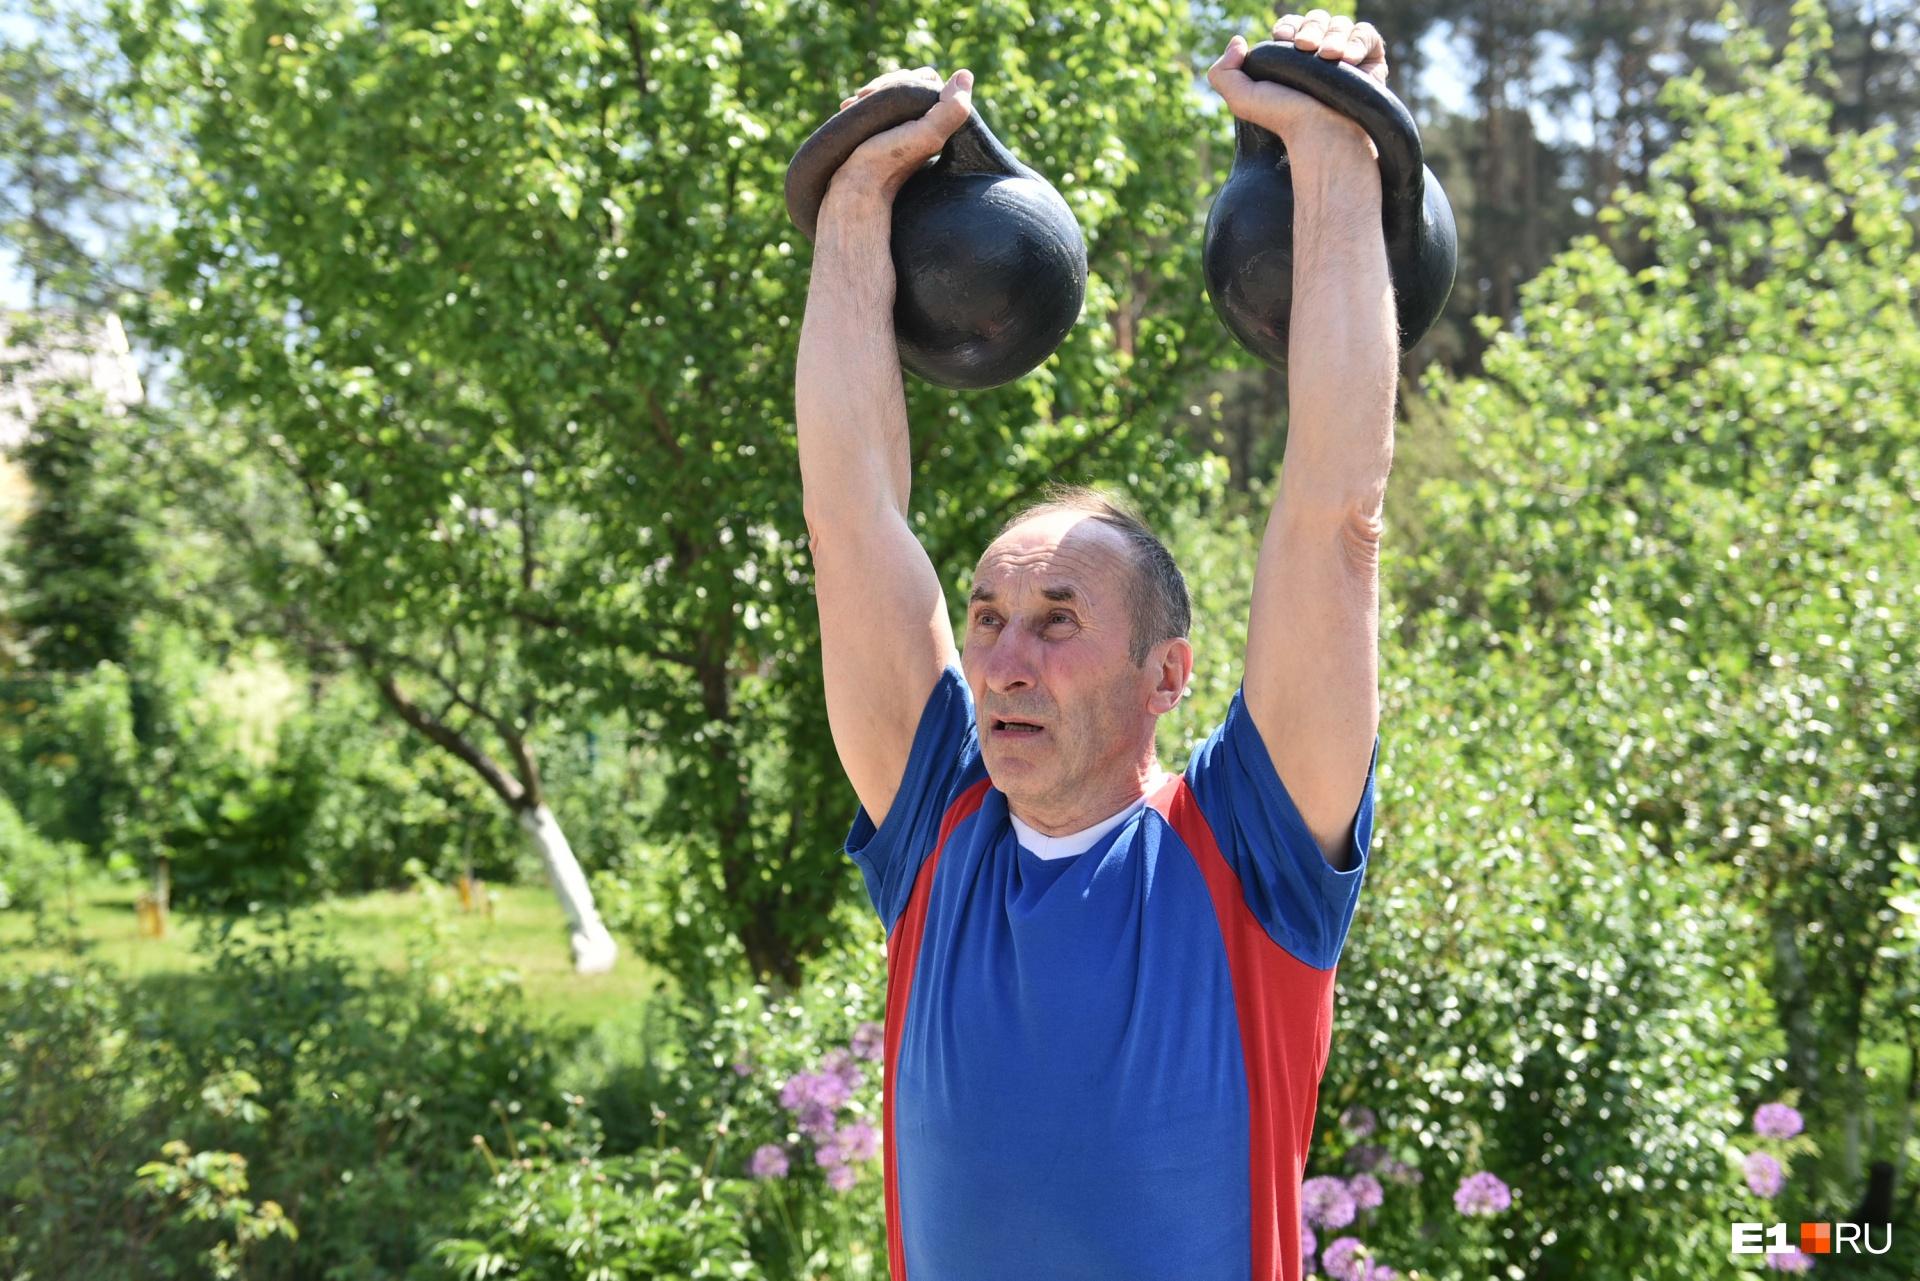 Это только на камеру Сергей делает вид, что ему тяжело; на самом деле жонглирует гирями, как резиновыми мячиками